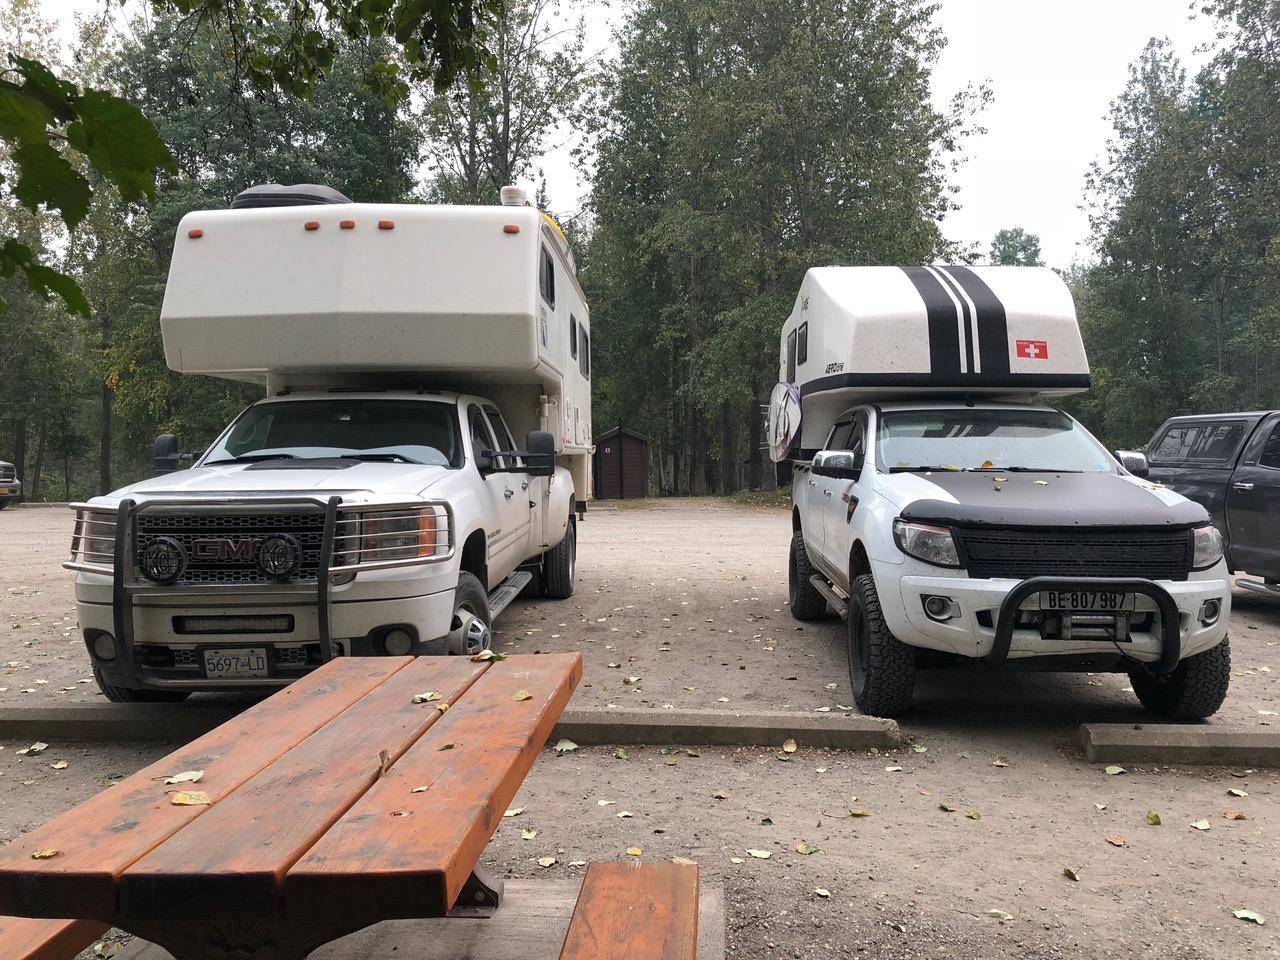 Truck Camper comparison US (7.5t) v. EU (3.5t)